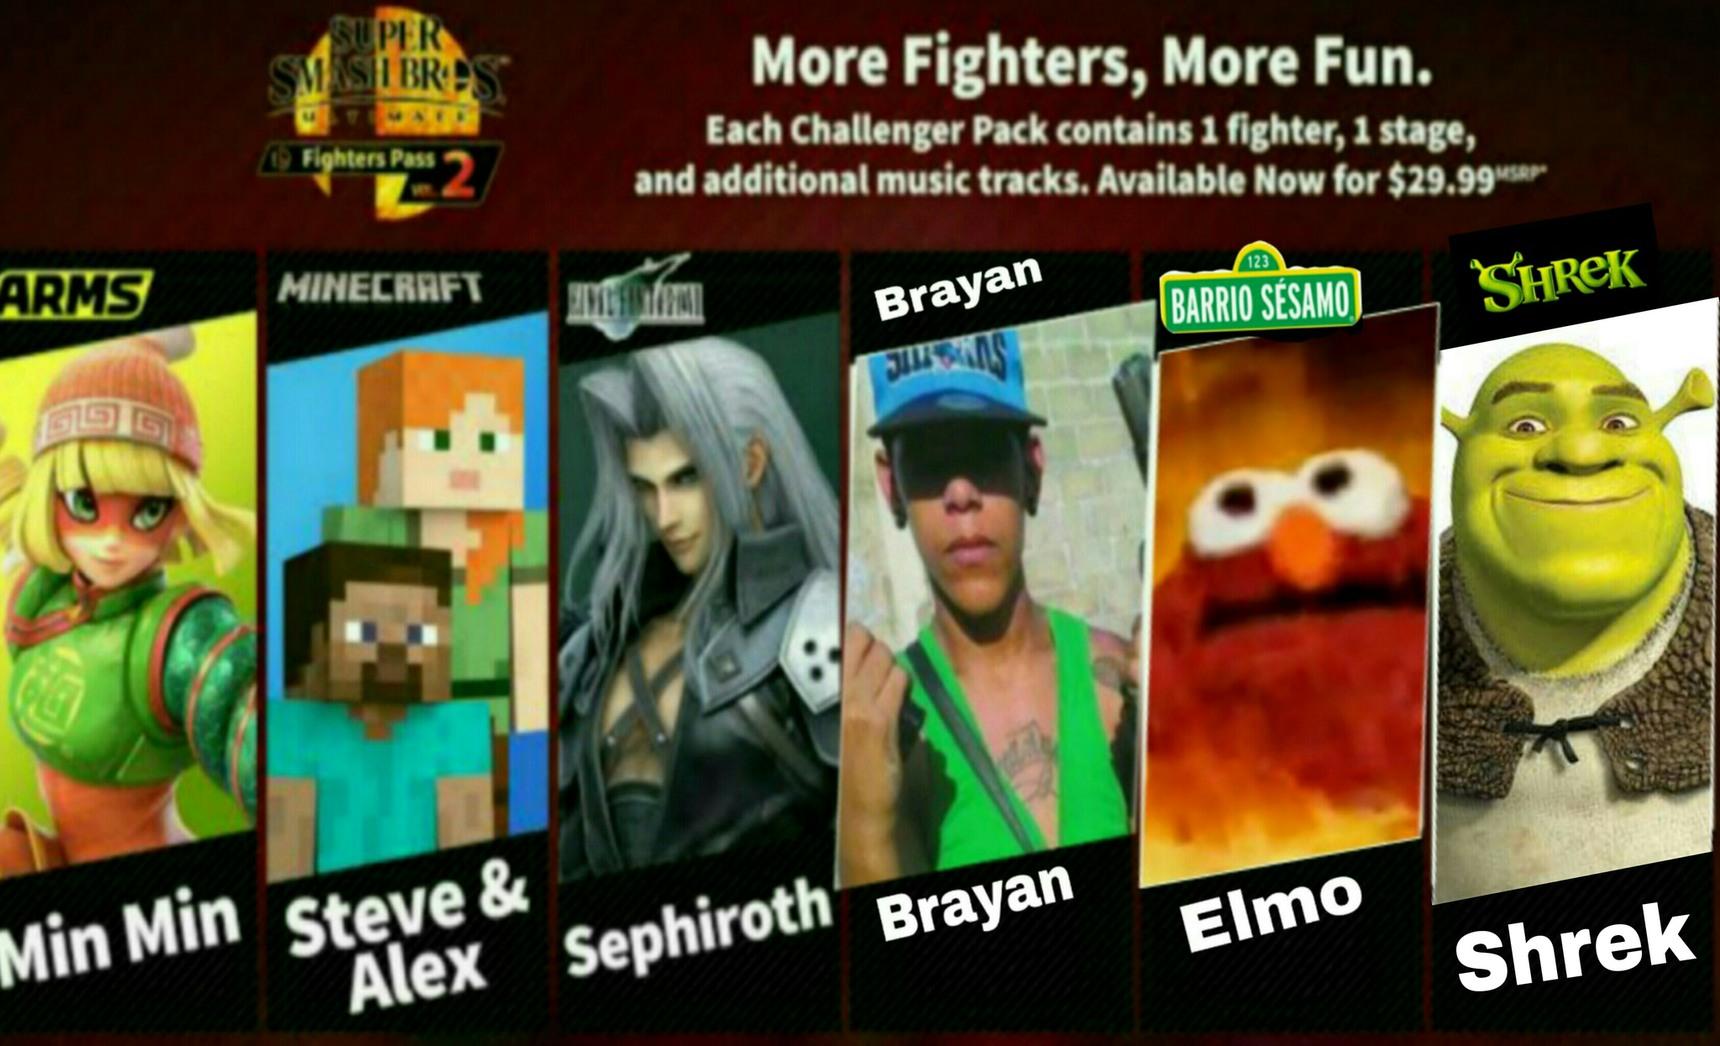 Ya se revelaron los luchadores restantes del 2 fhigter pass - meme